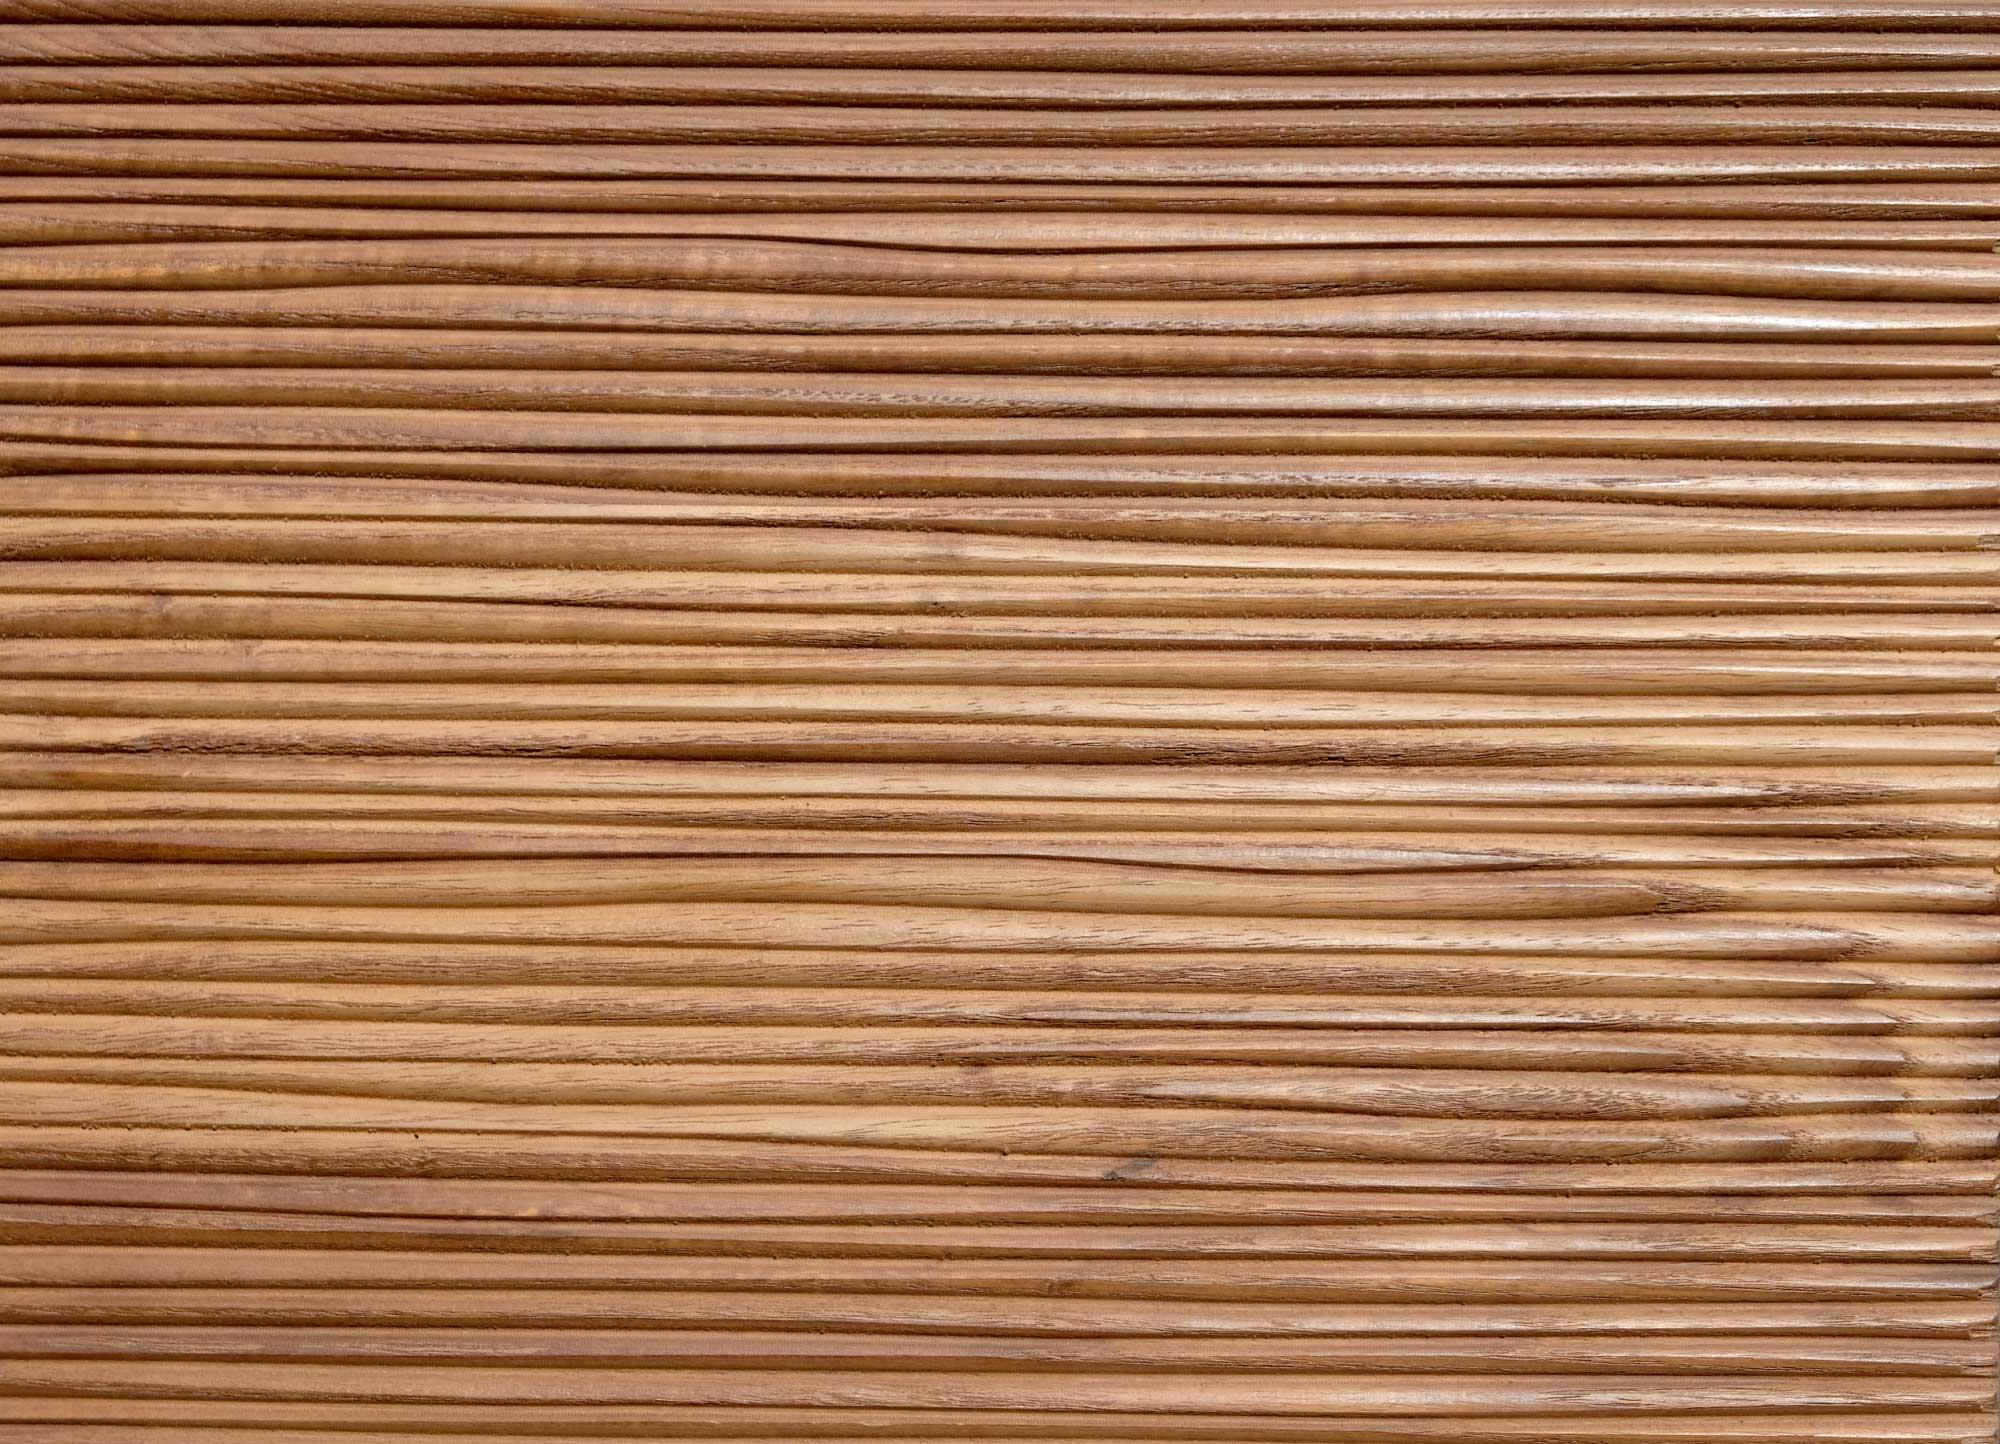 wandpaneele-holz-esche-gewachst-high-voltage-beige-naturfarben